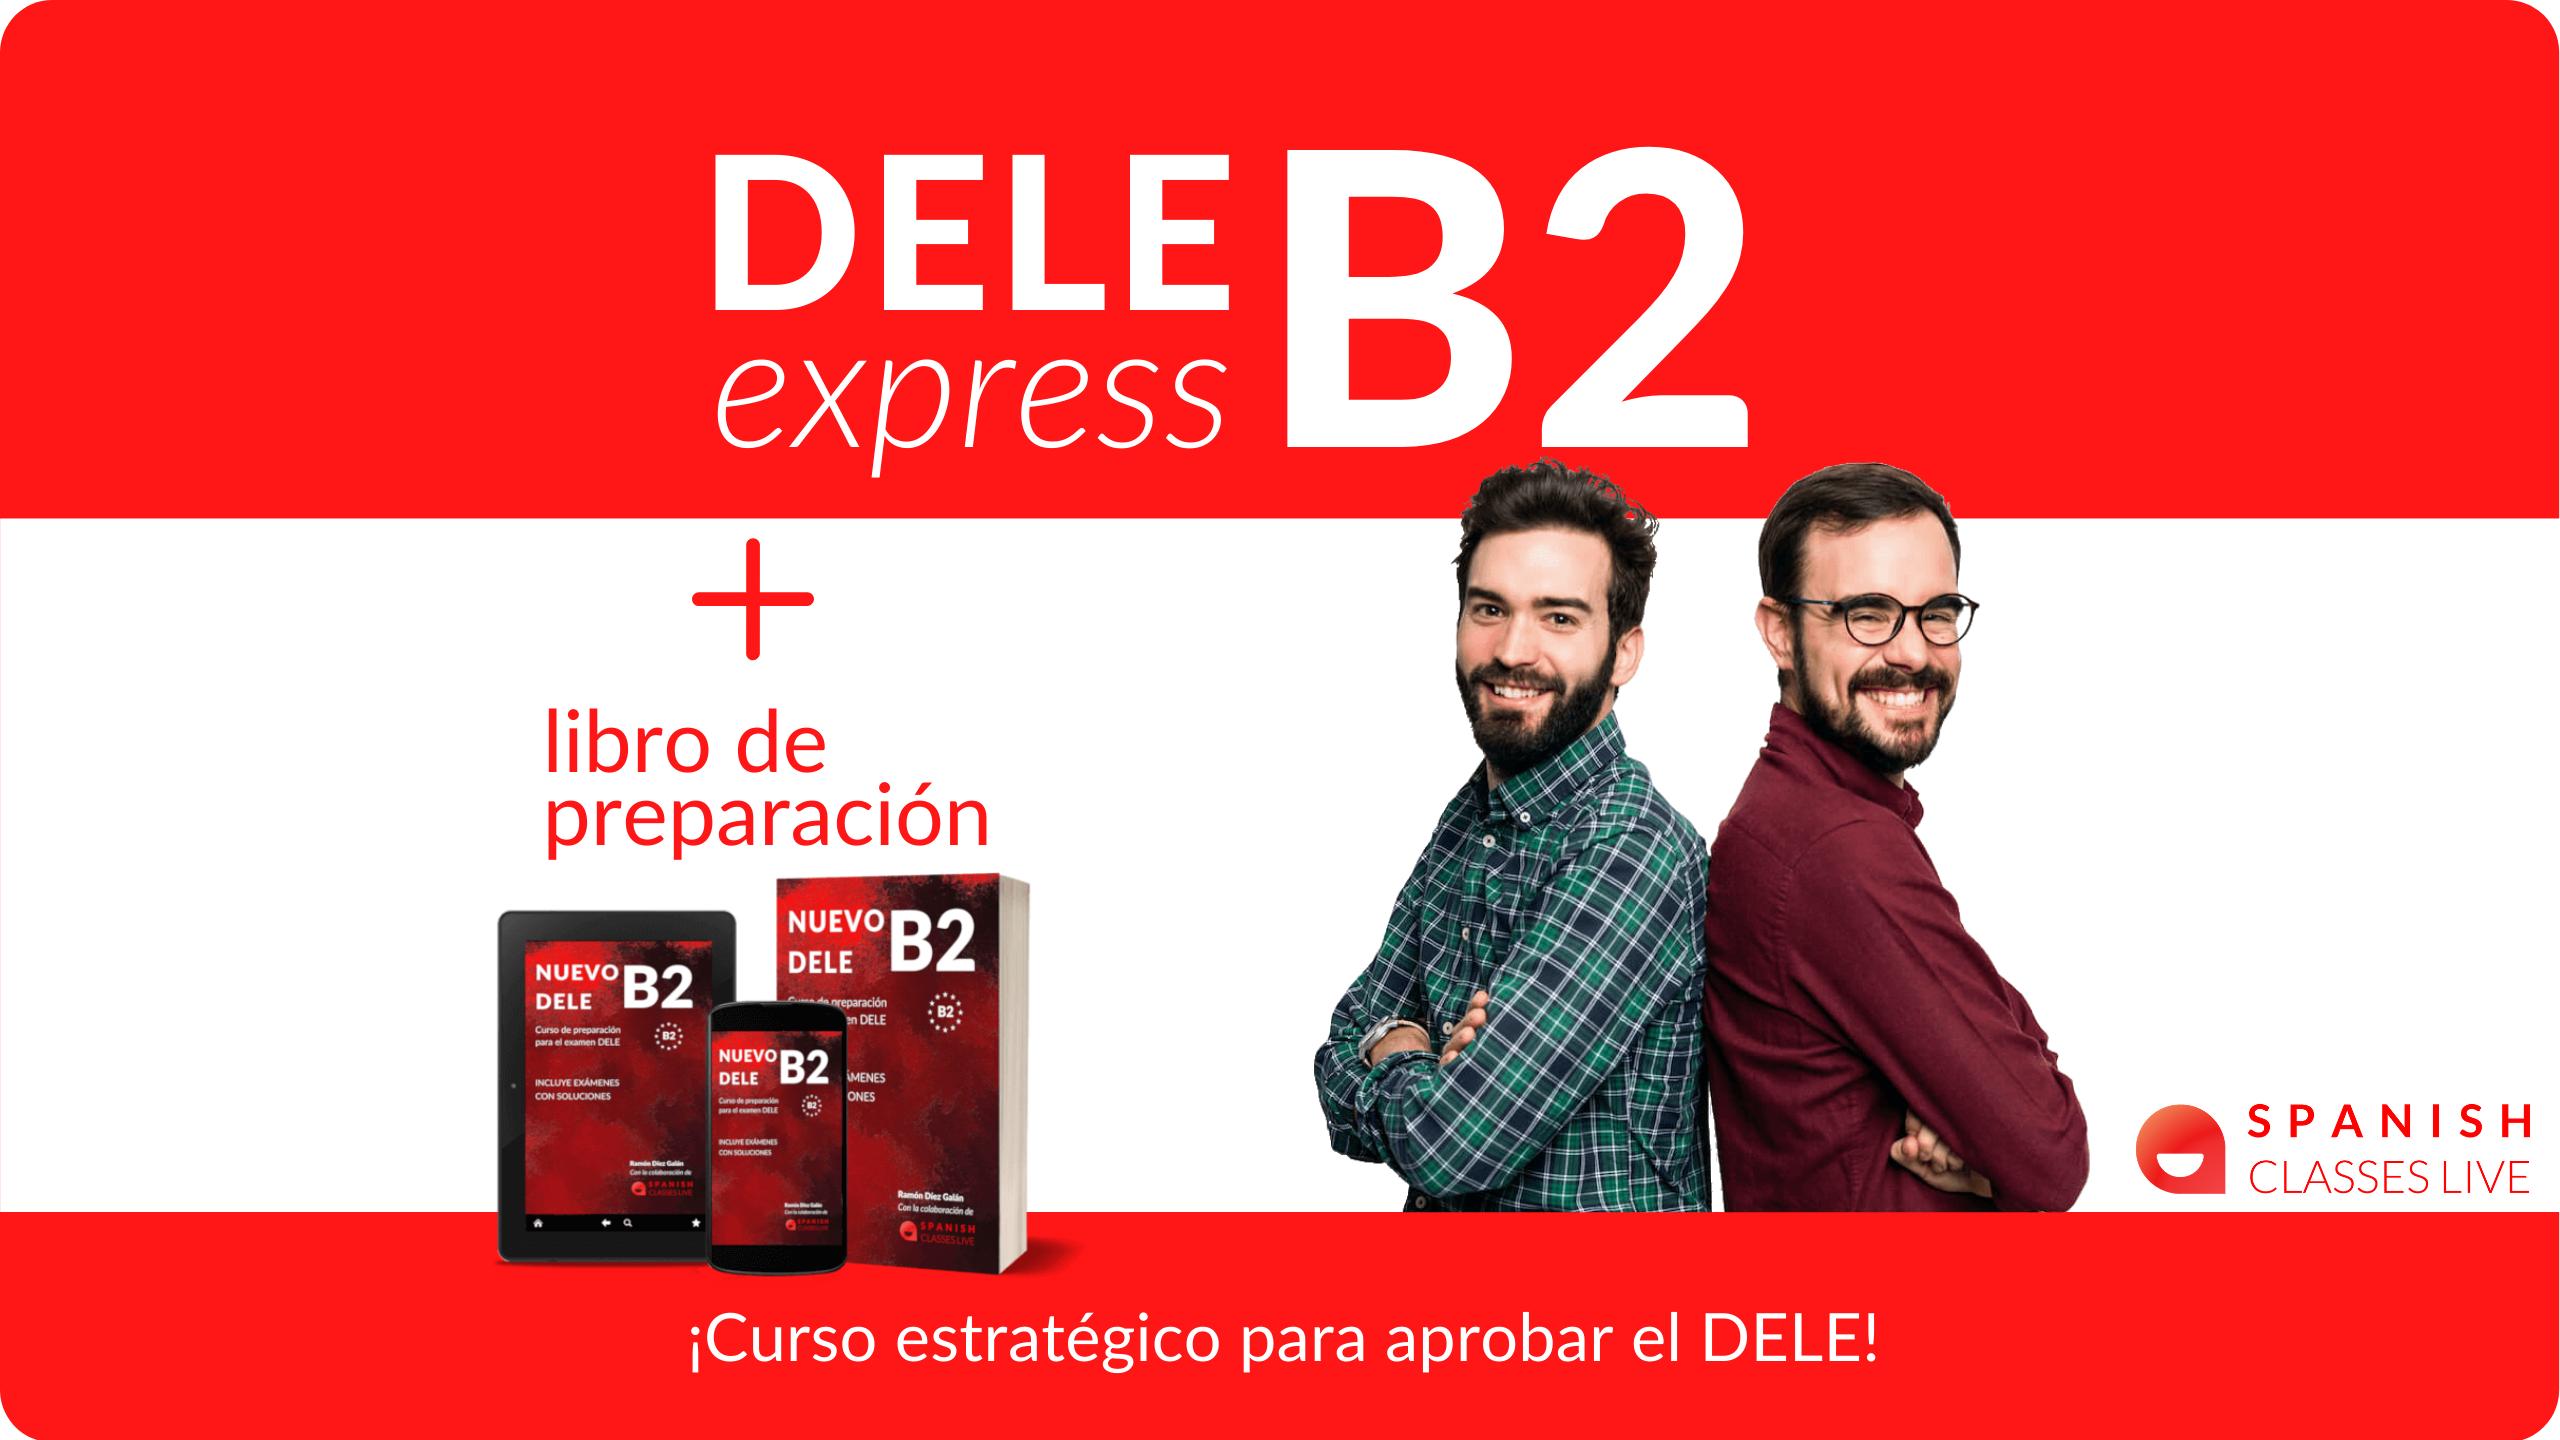 DELE express B2 + Nuevo Libro de preparación 2021